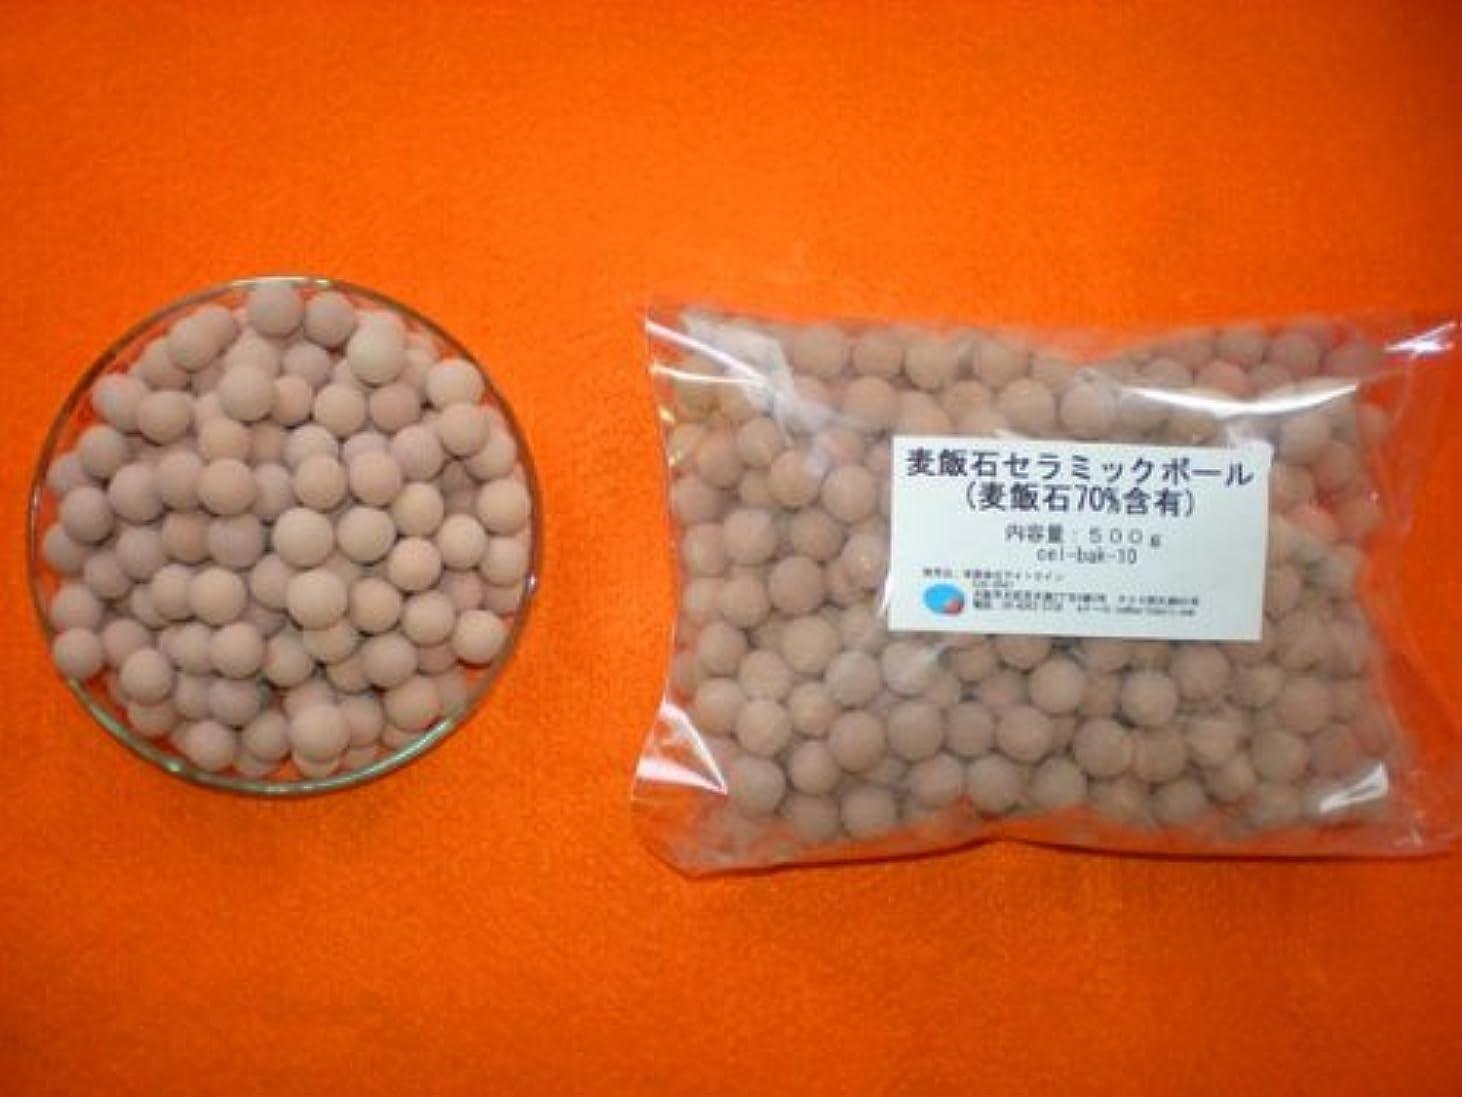 準拠セーター混合した麦飯石セラミックボール 直径10ミリ/1000g